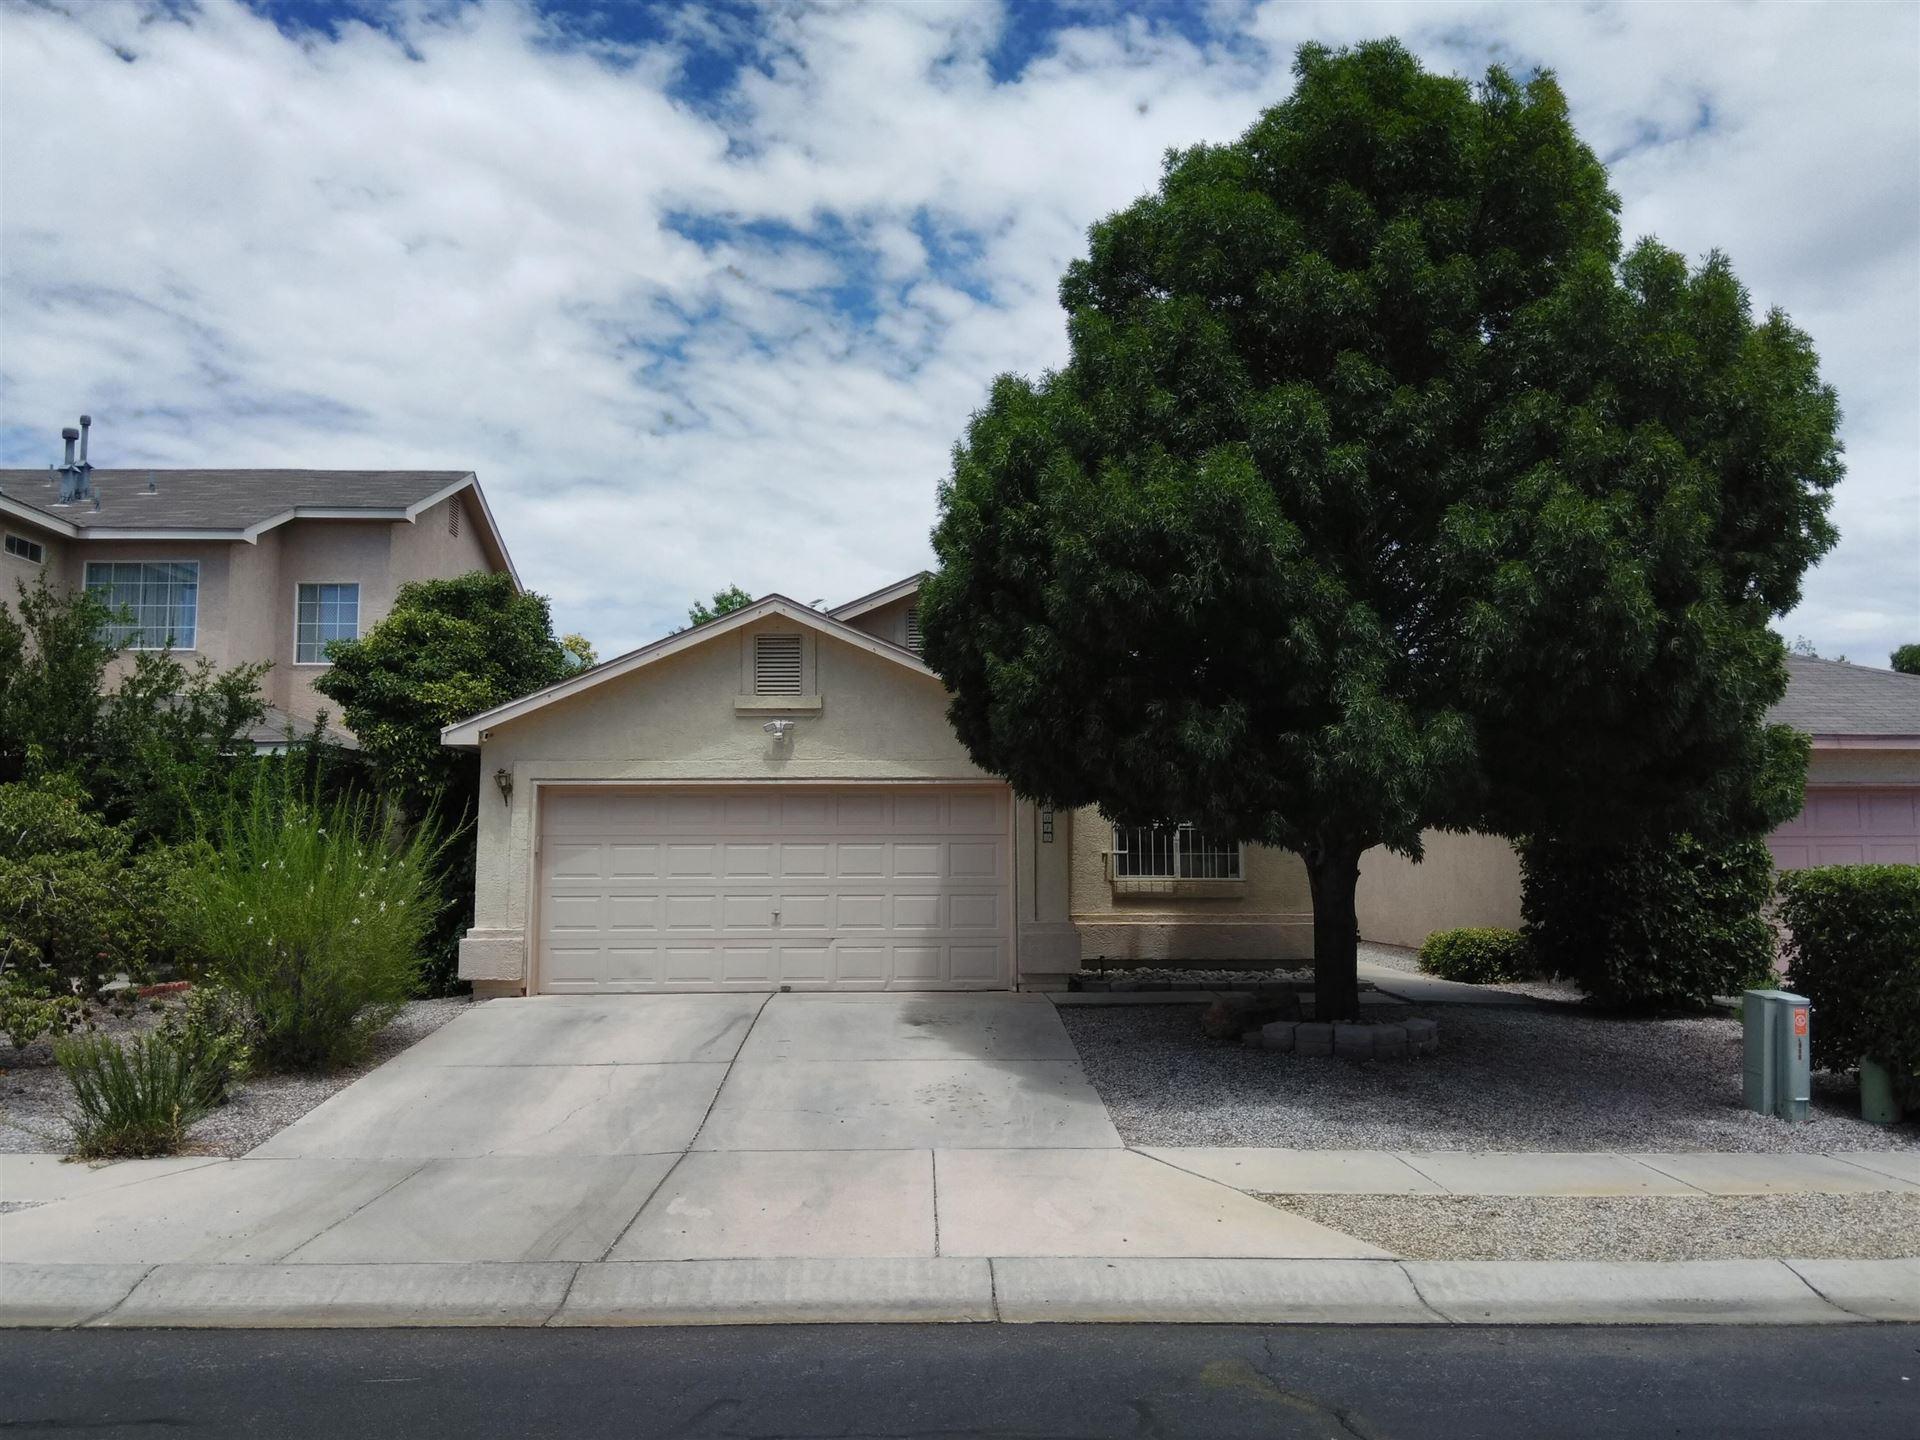 8019 VISTA VOLCAN Lane SW, Albuquerque, NM 87121 - #: 974482